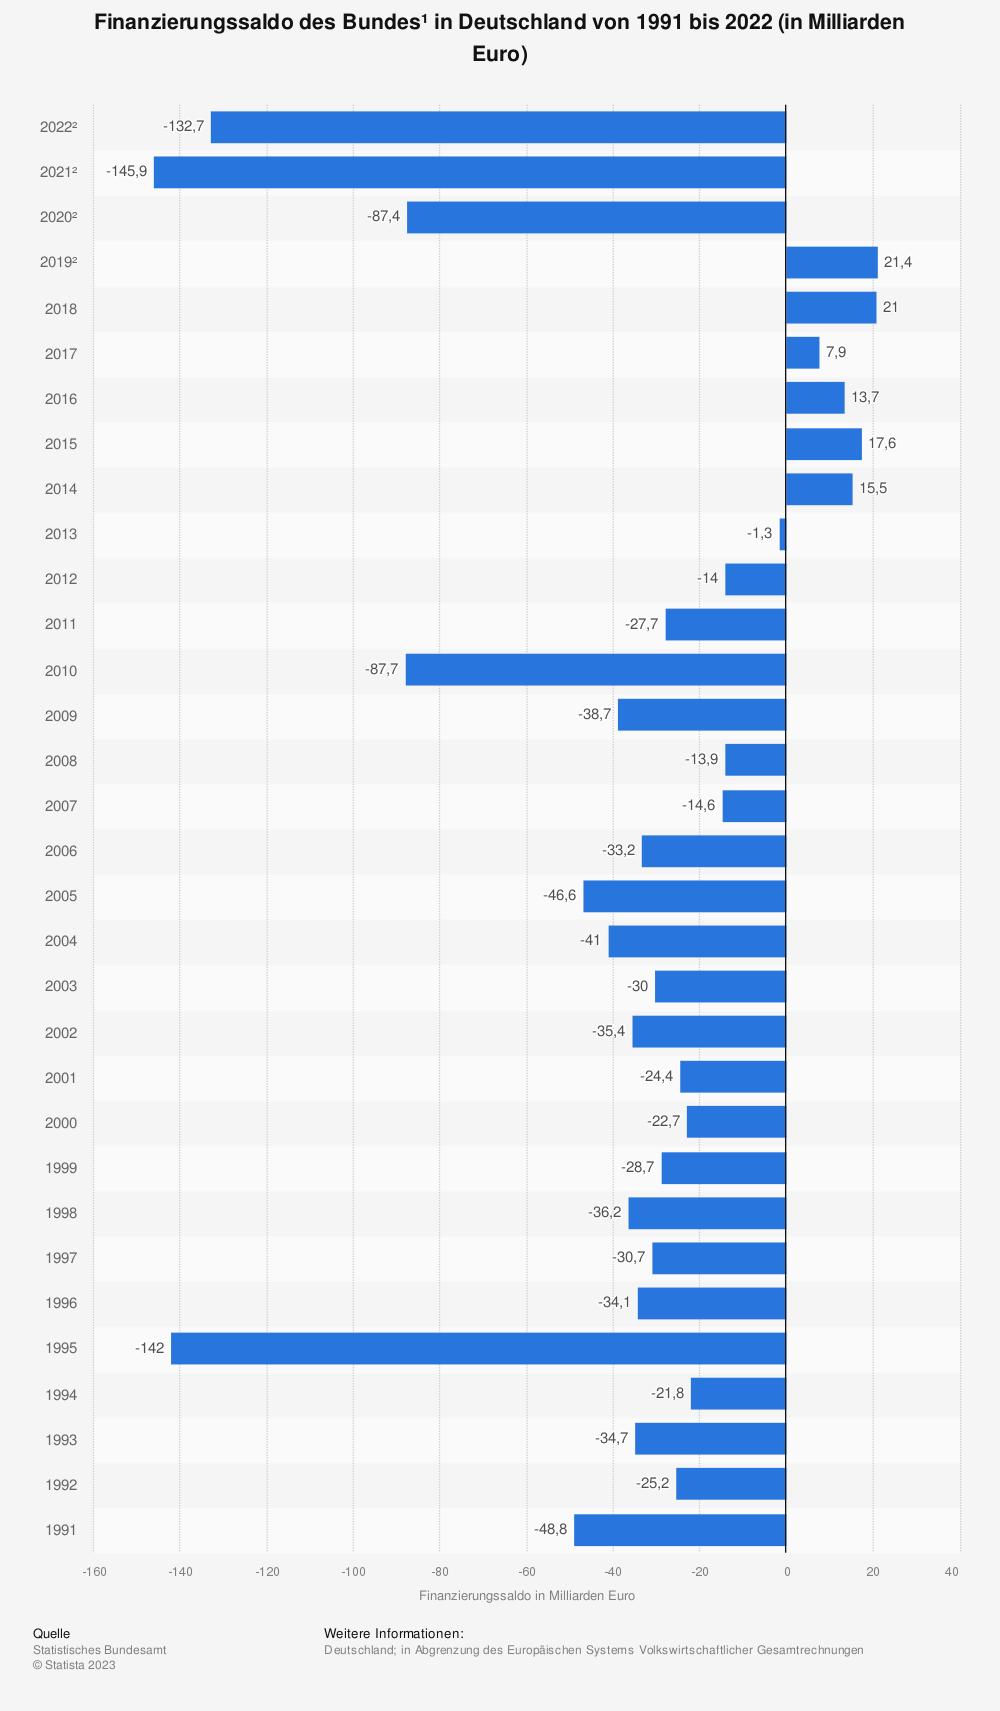 Statistik: Finanzierungssaldo des Bundes in Deutschland von 2012 bis 2017 (in Milliarden Euro) | Statista